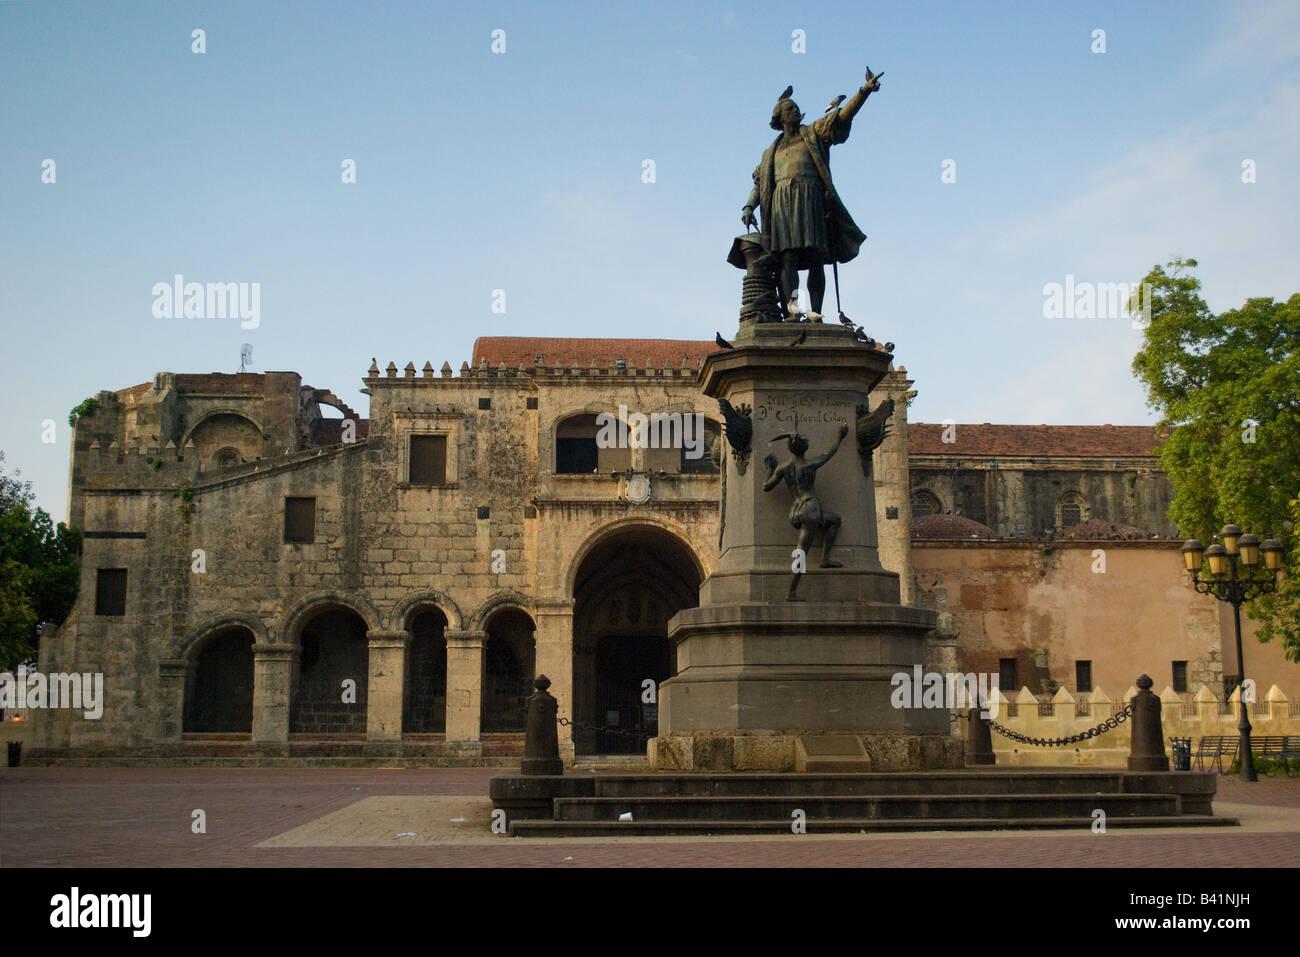 El monumento del Almirante Cristóbal Colón en la Plaza Colón en la Ciudad Colonial, Santo Domingo, Imagen De Stock